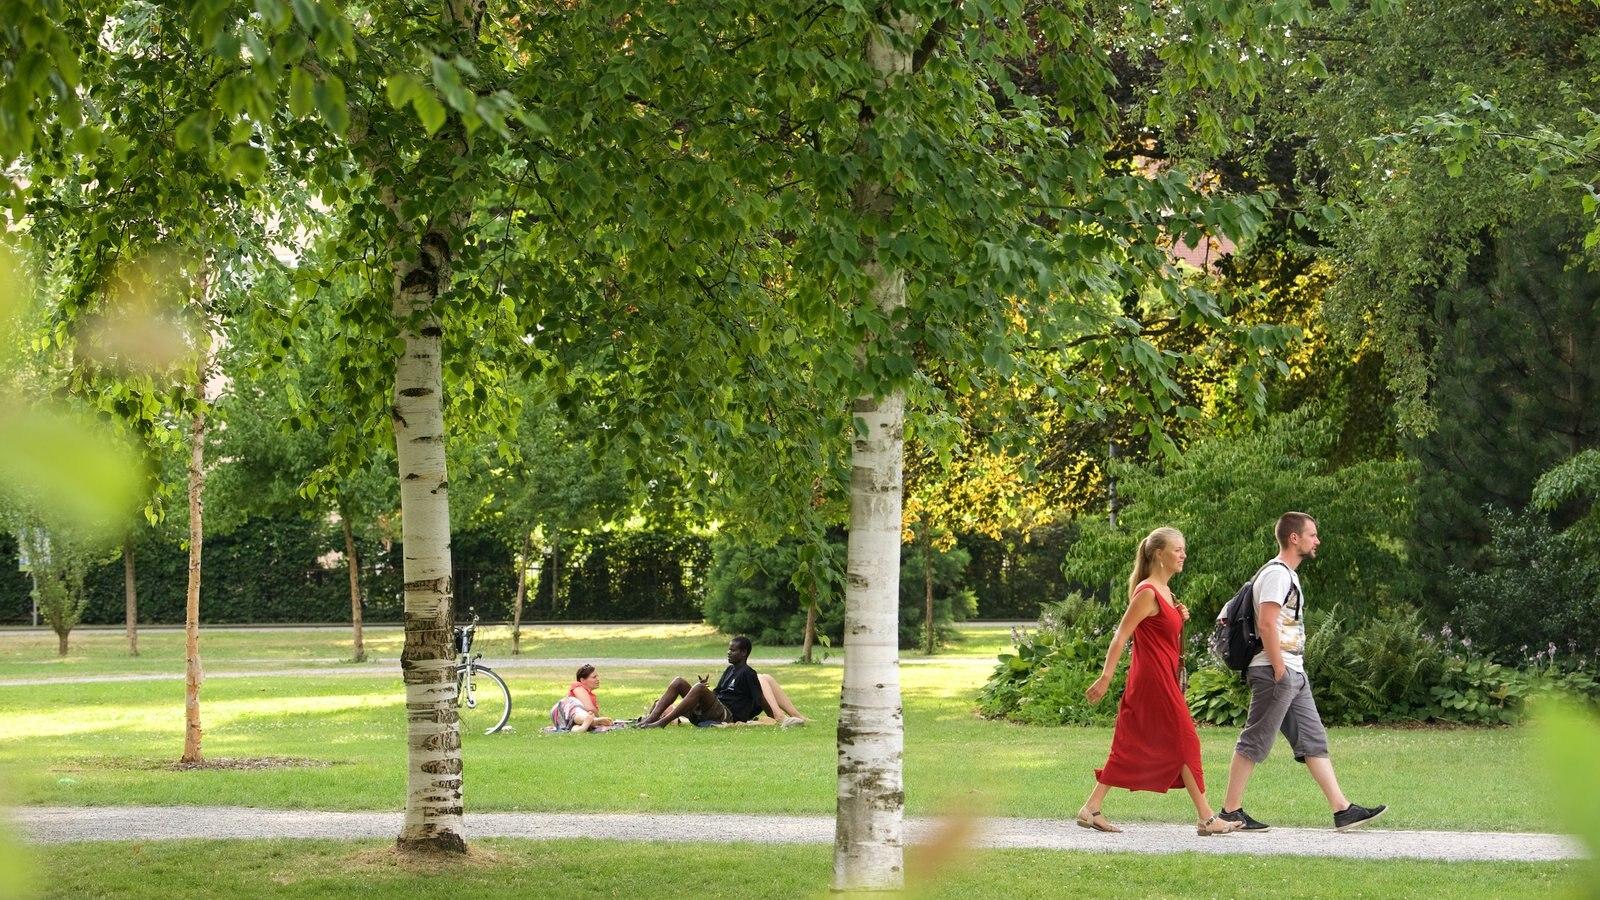 Constance showing a garden as well as a couple